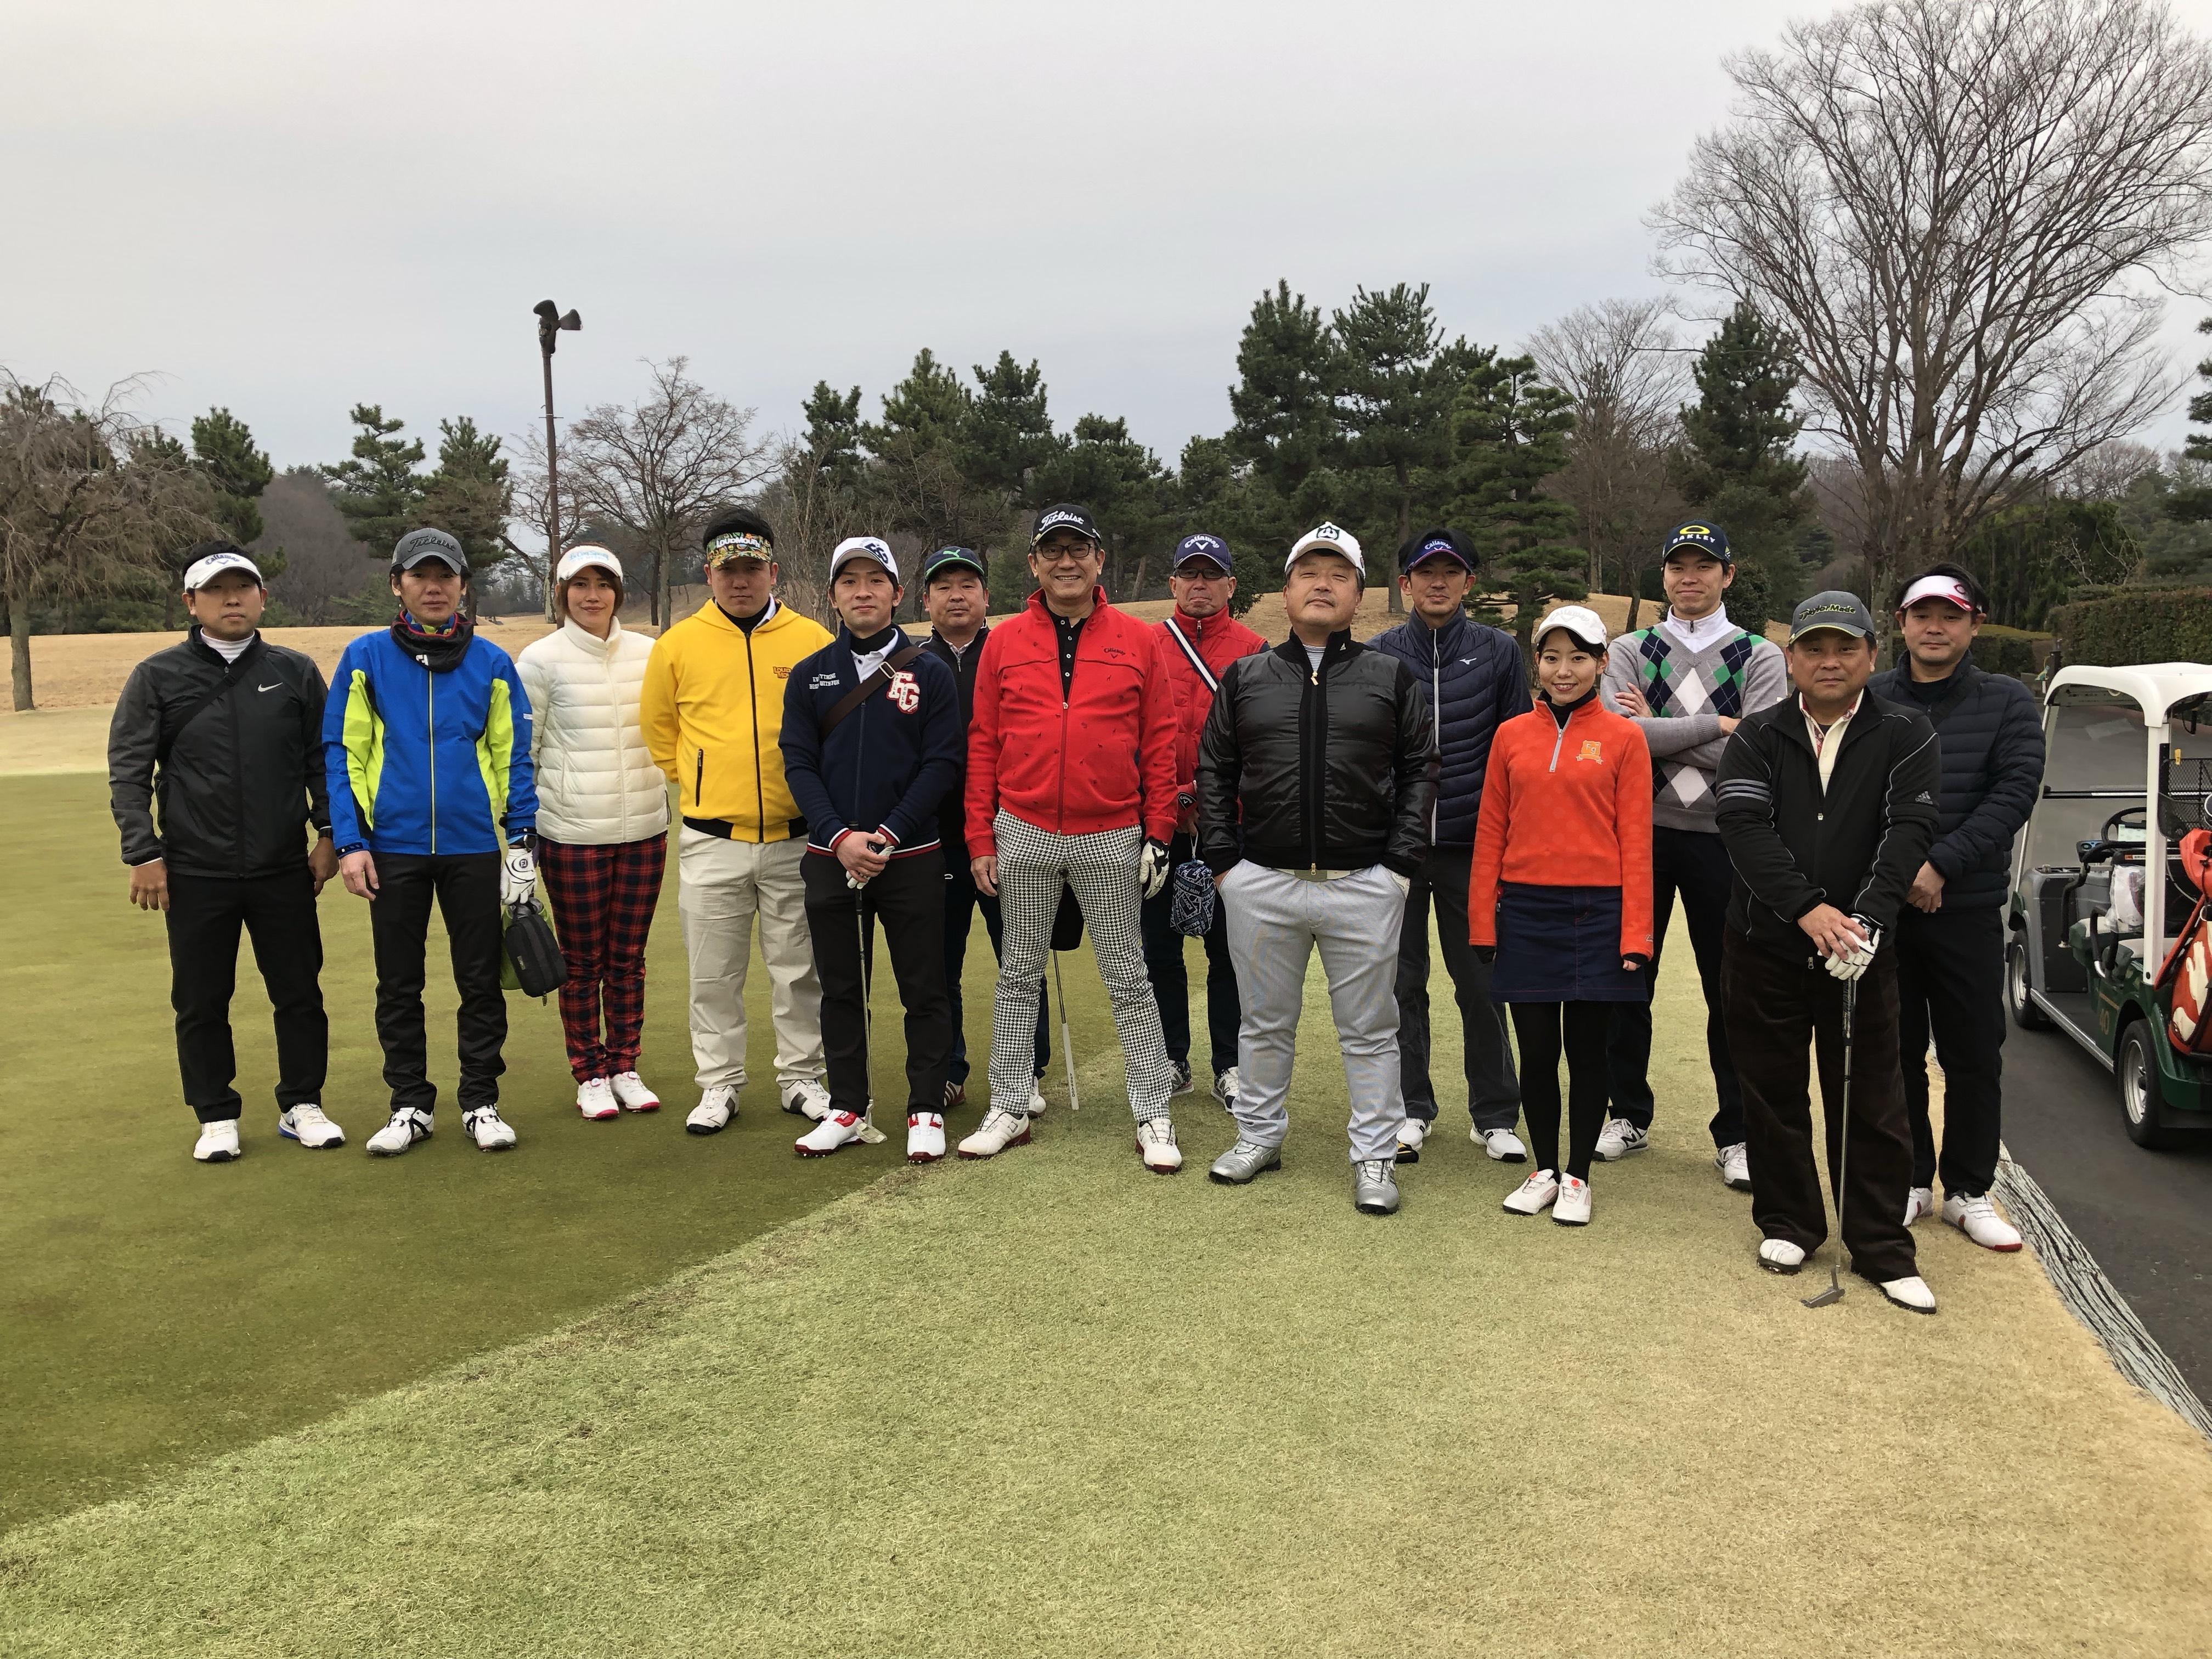 春秋会 こだまゴルフクラブ 2019年03月03日